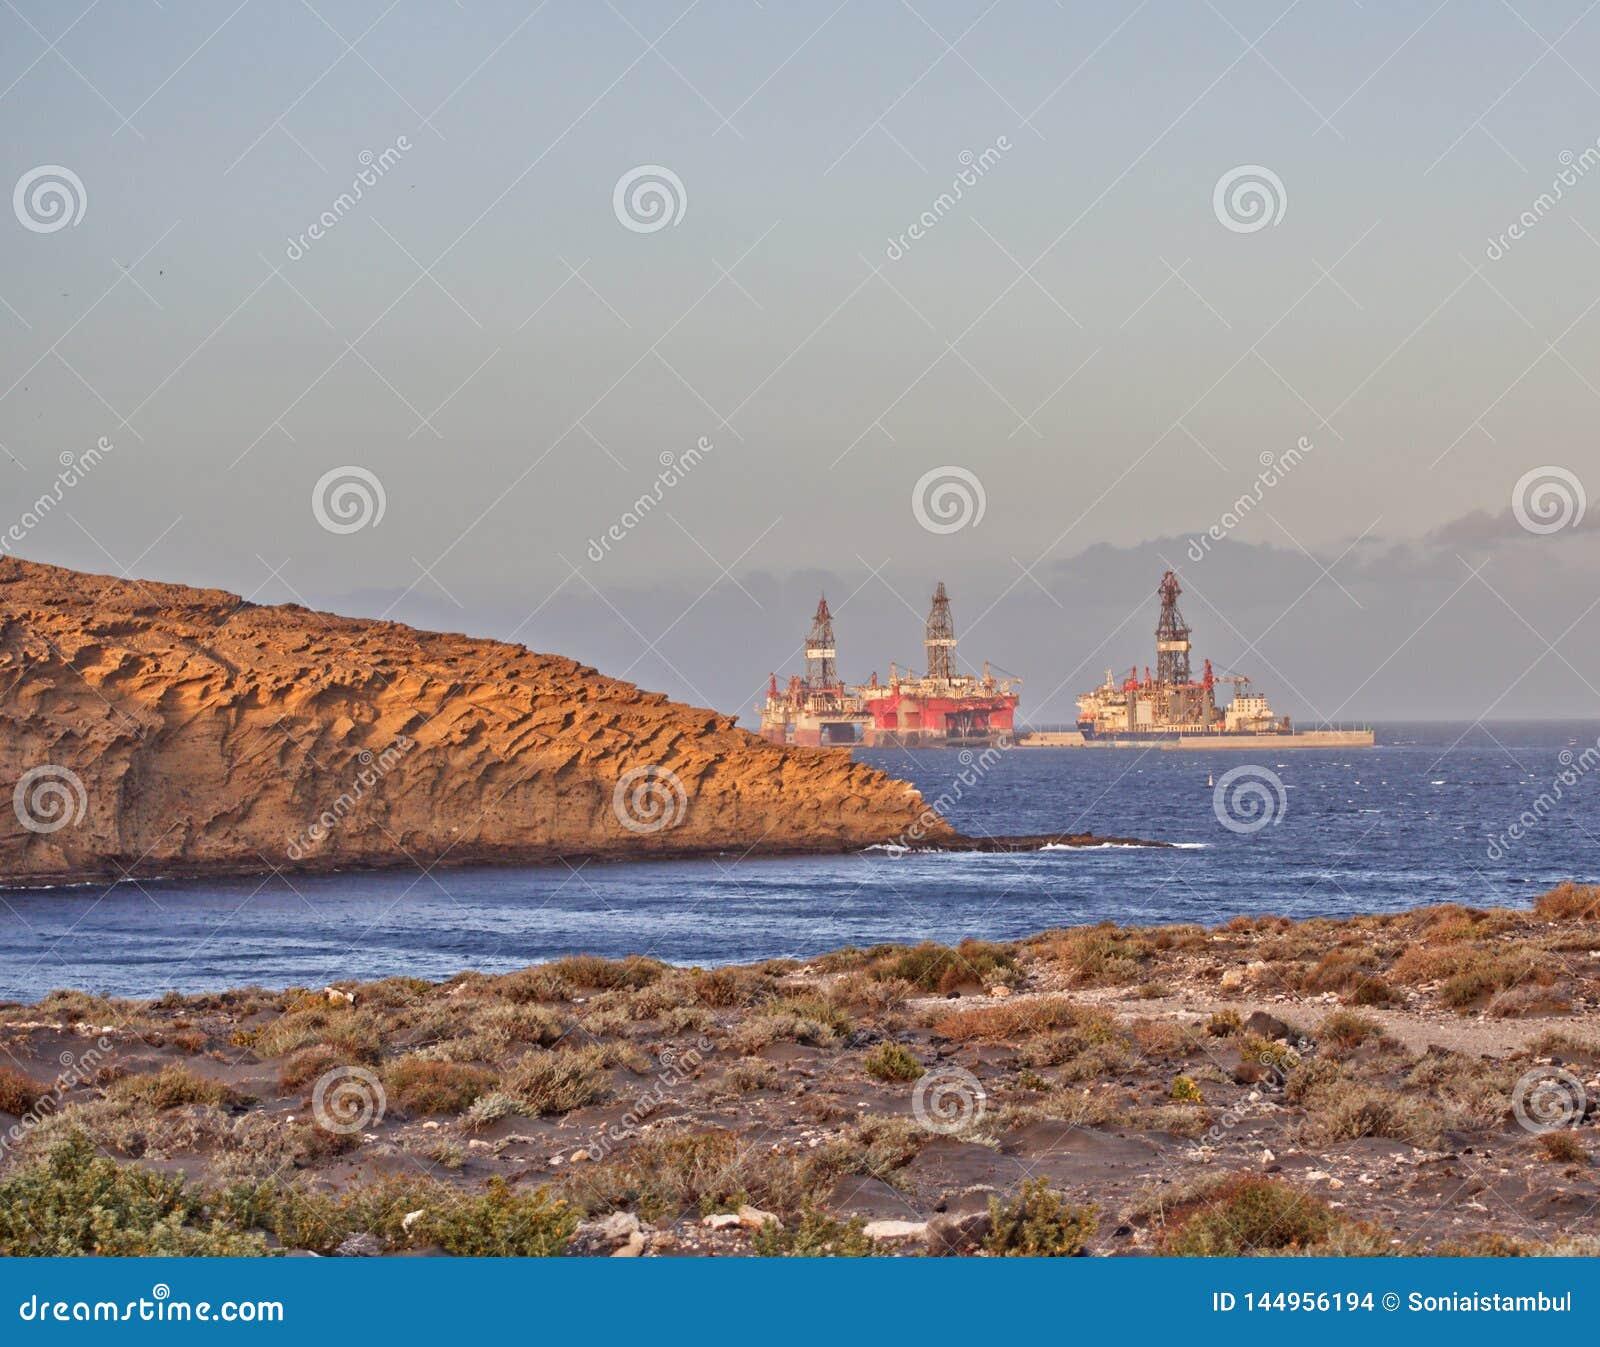 Oil platforms in Medano